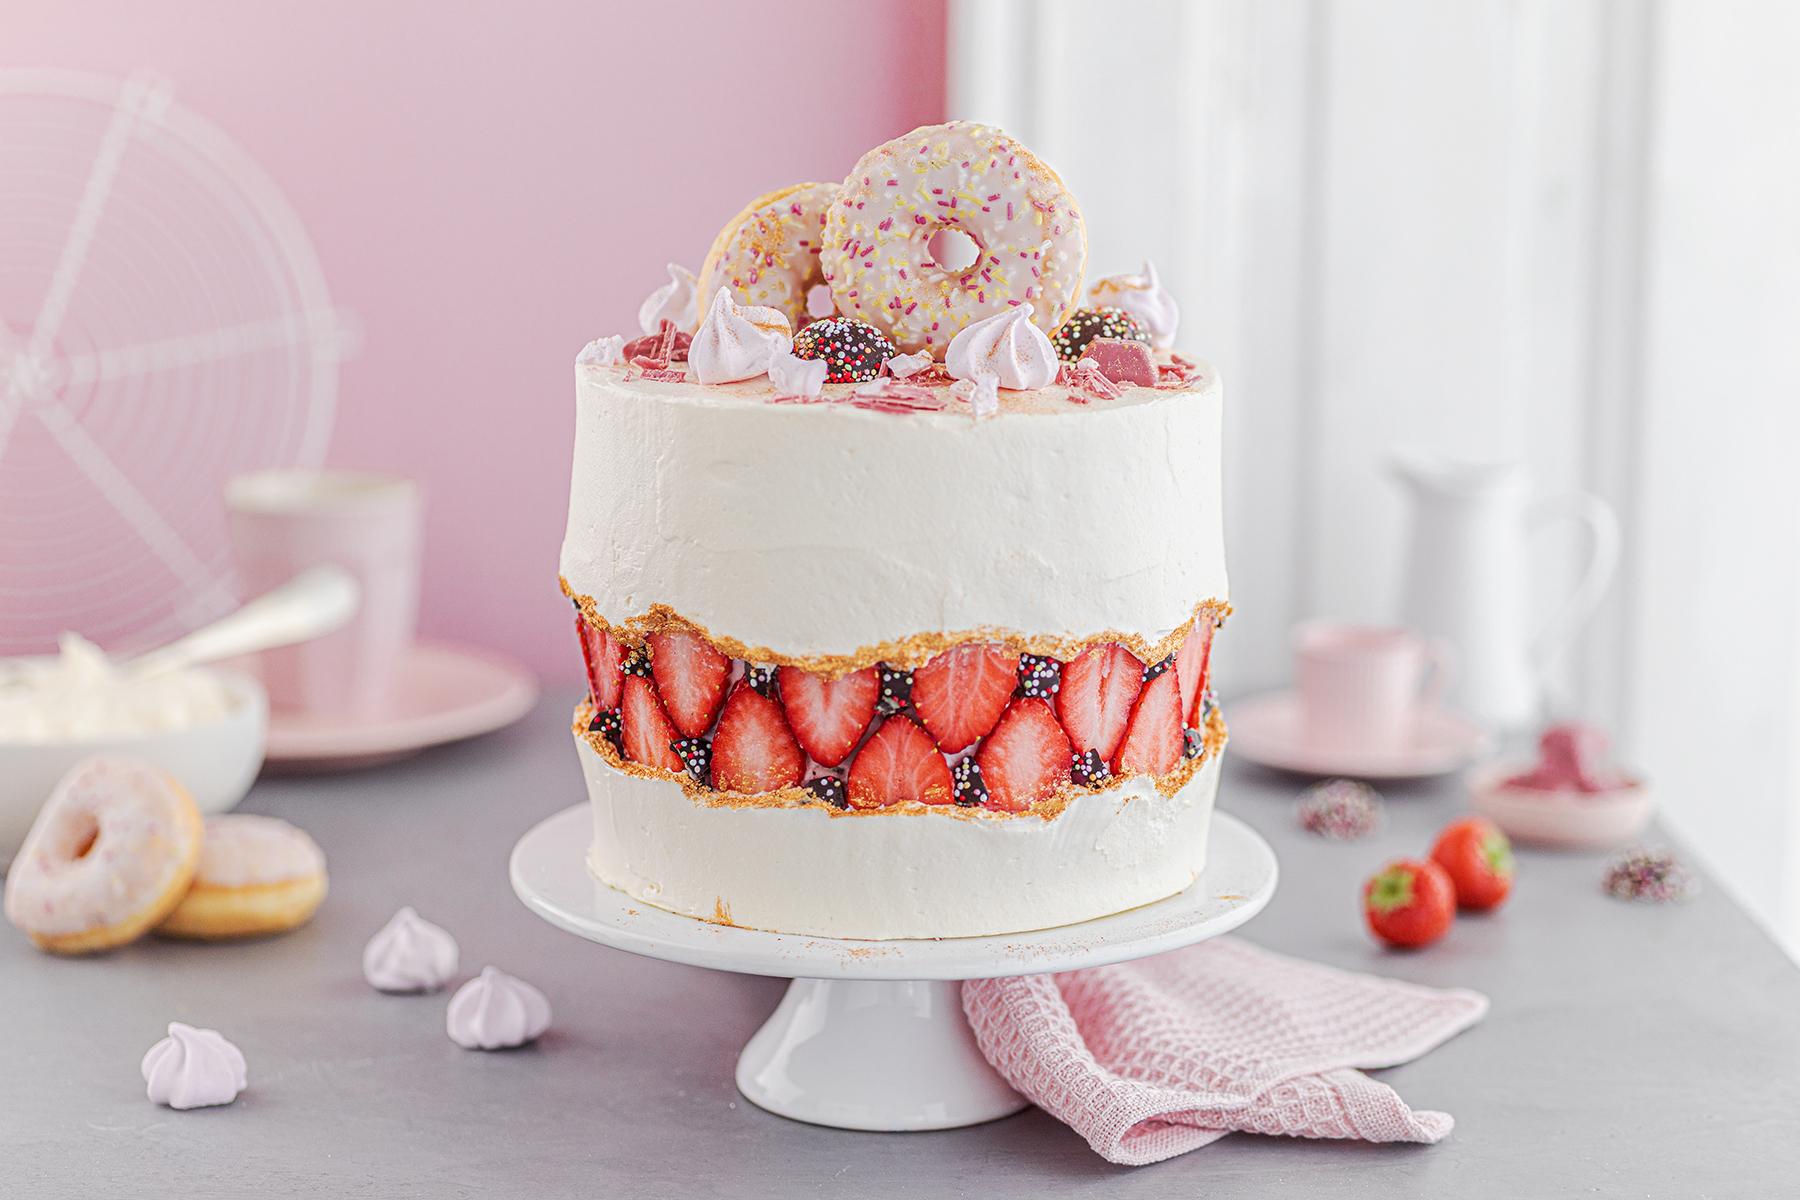 Faltline Cake Anleitung! So einfach wird's gemacht!